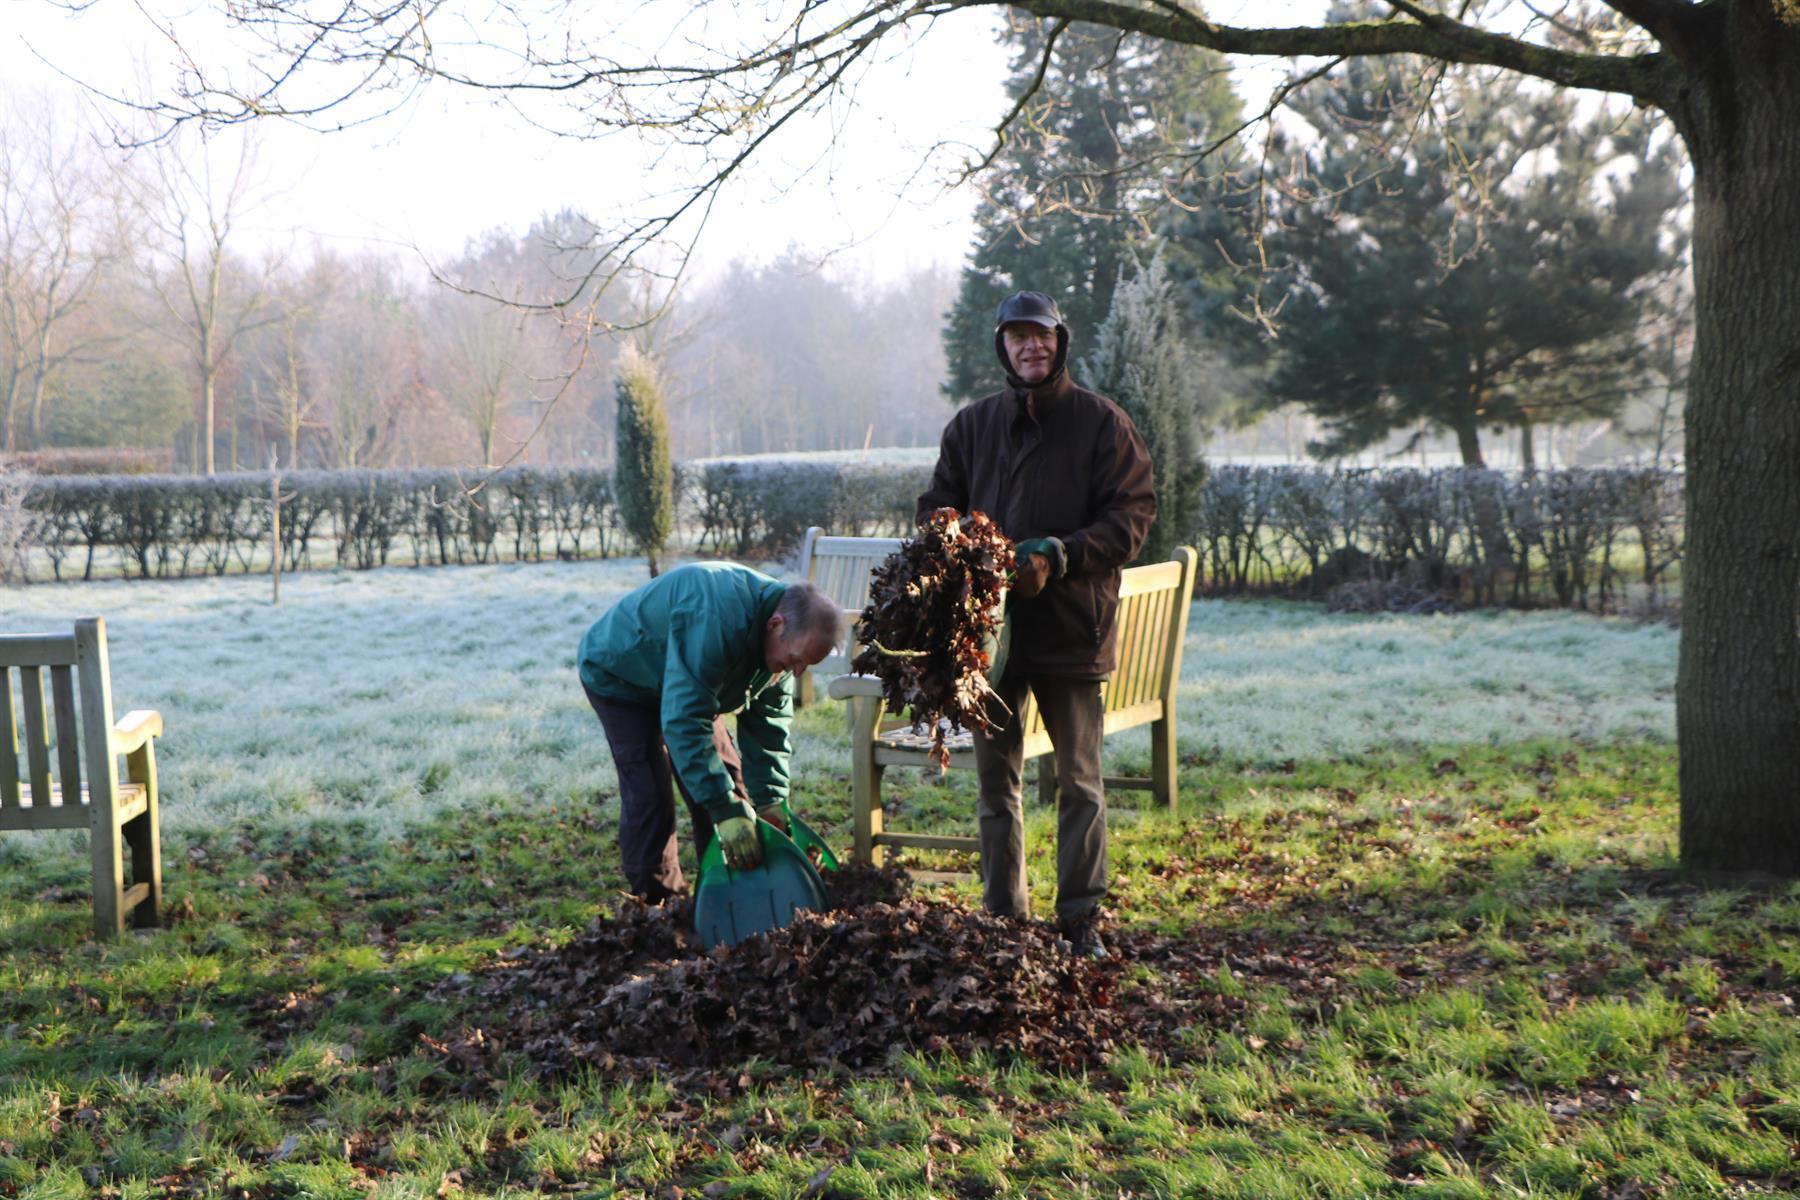 Two volunteers pick up leaves